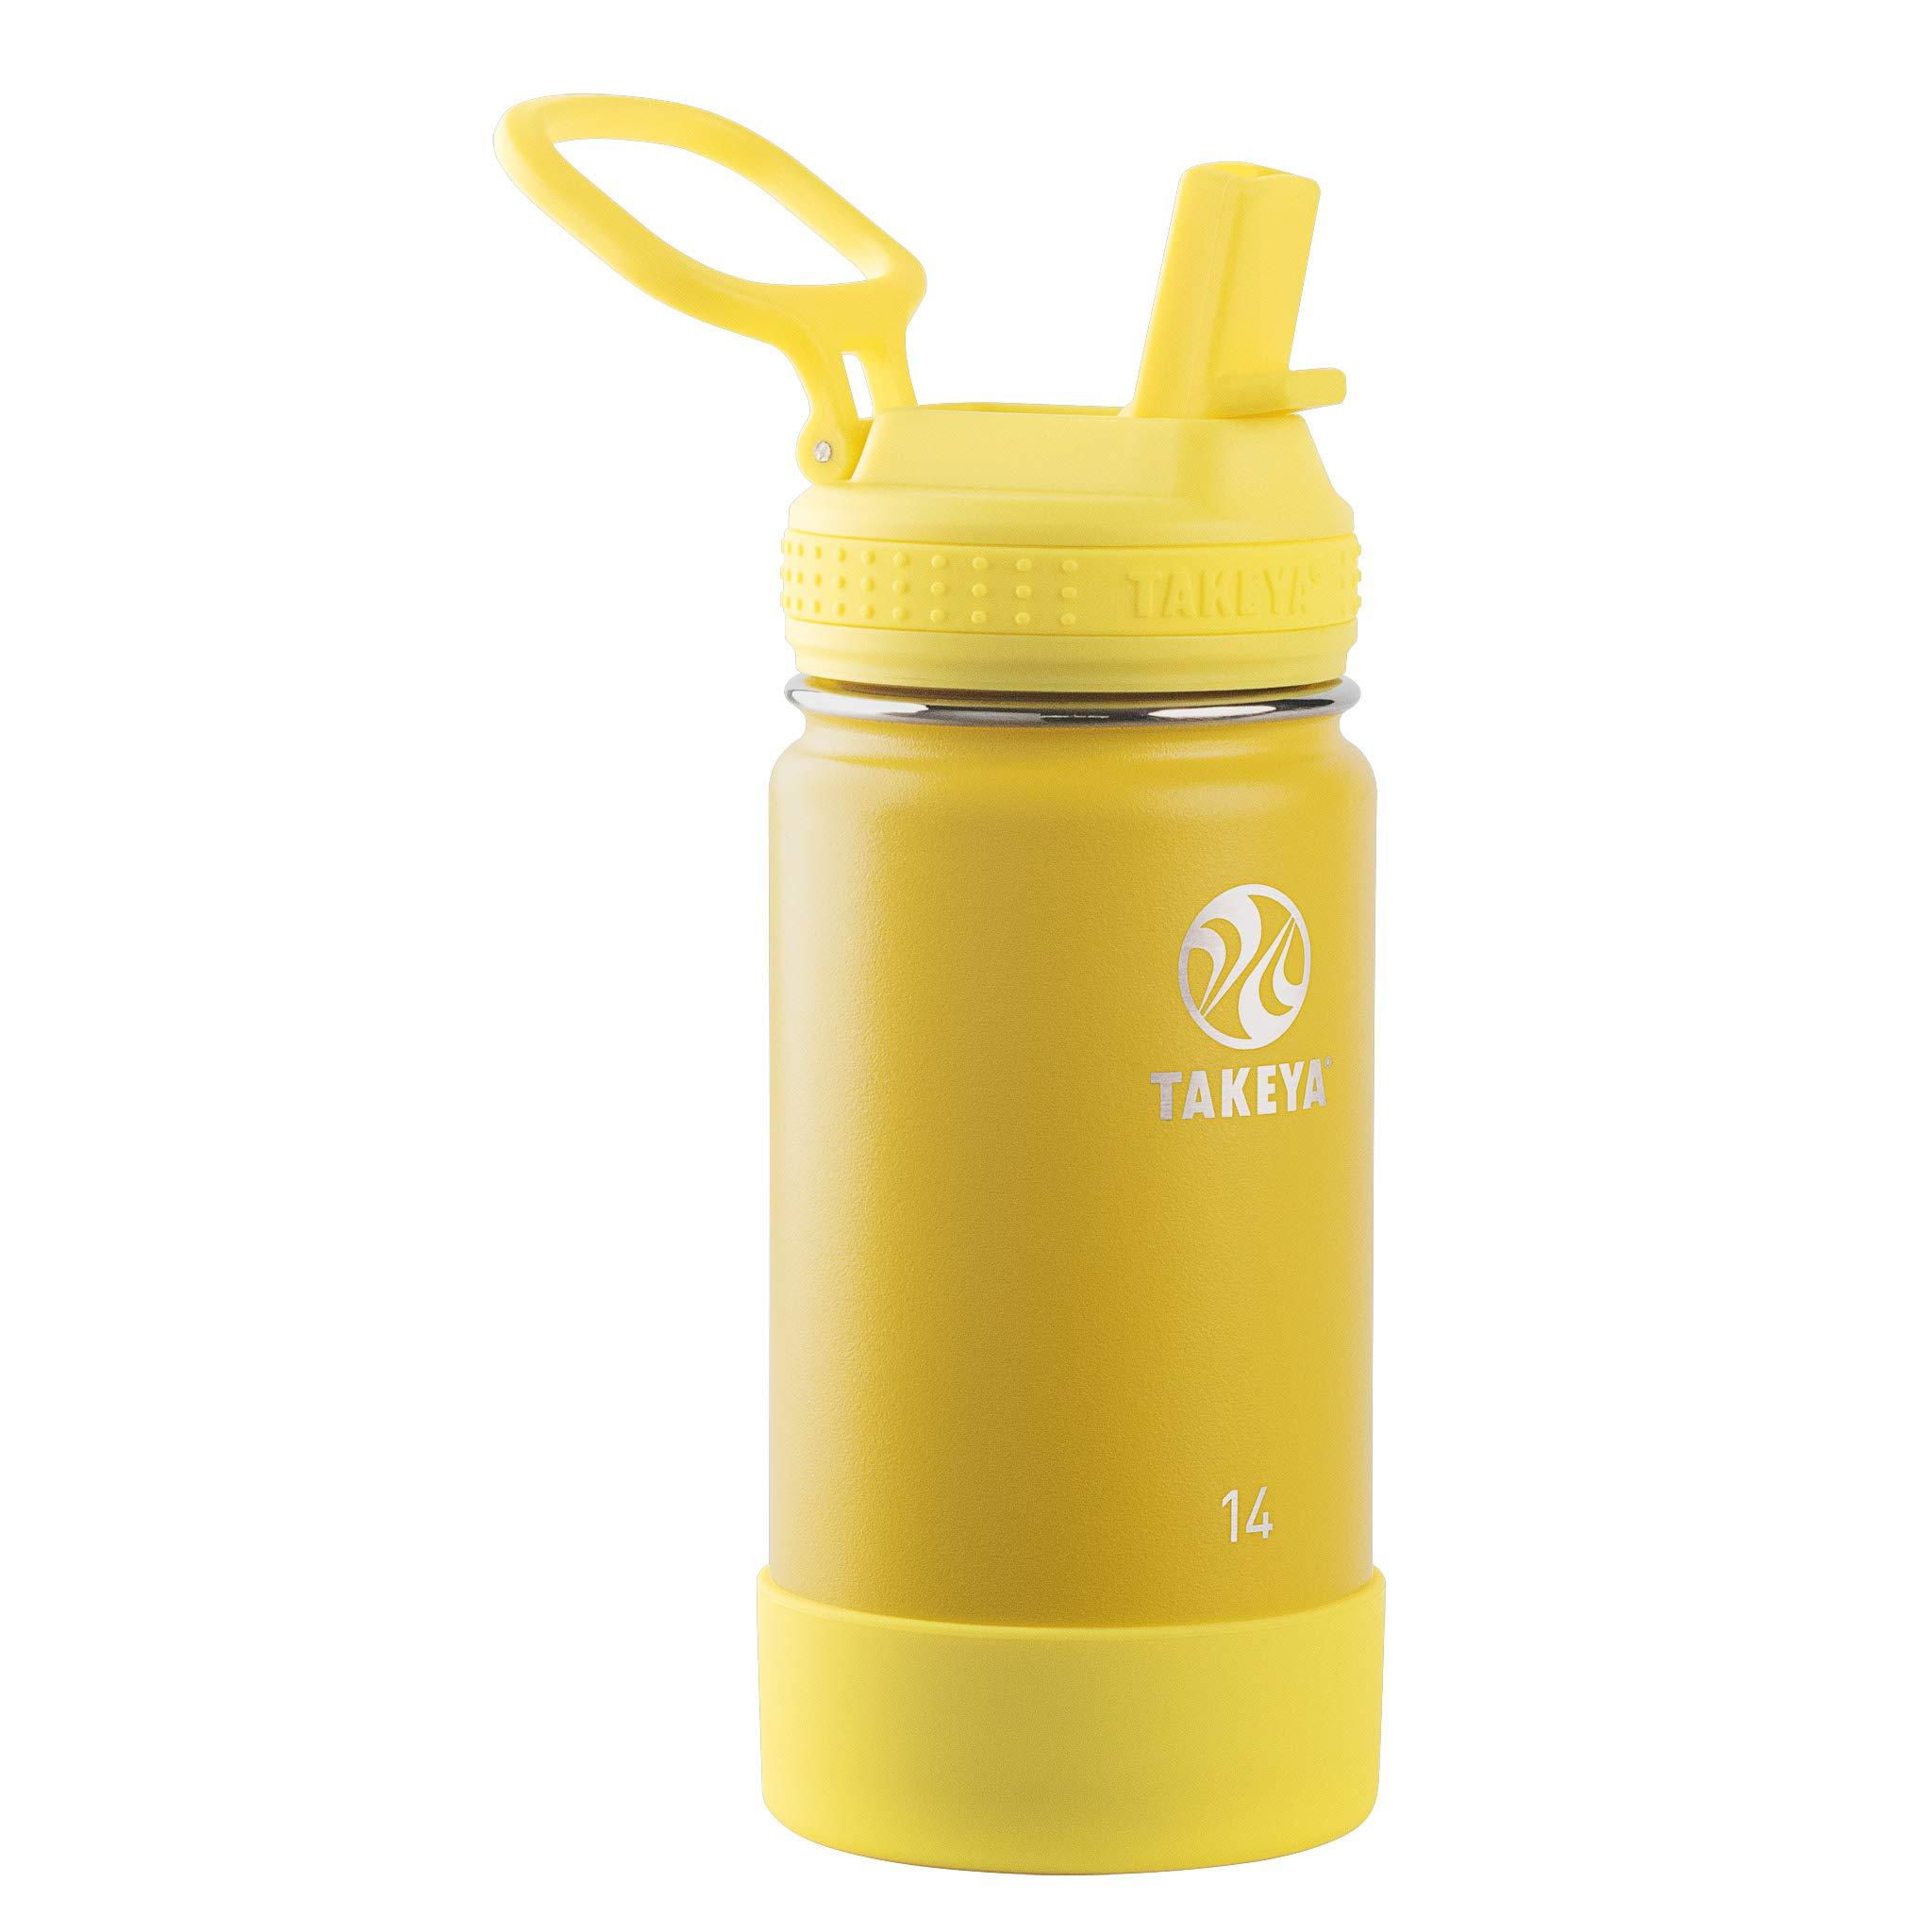 Takeya Kids Insulated Water Bottle w/Straw Lid, 14 Ounce, Sunflower by Takeya